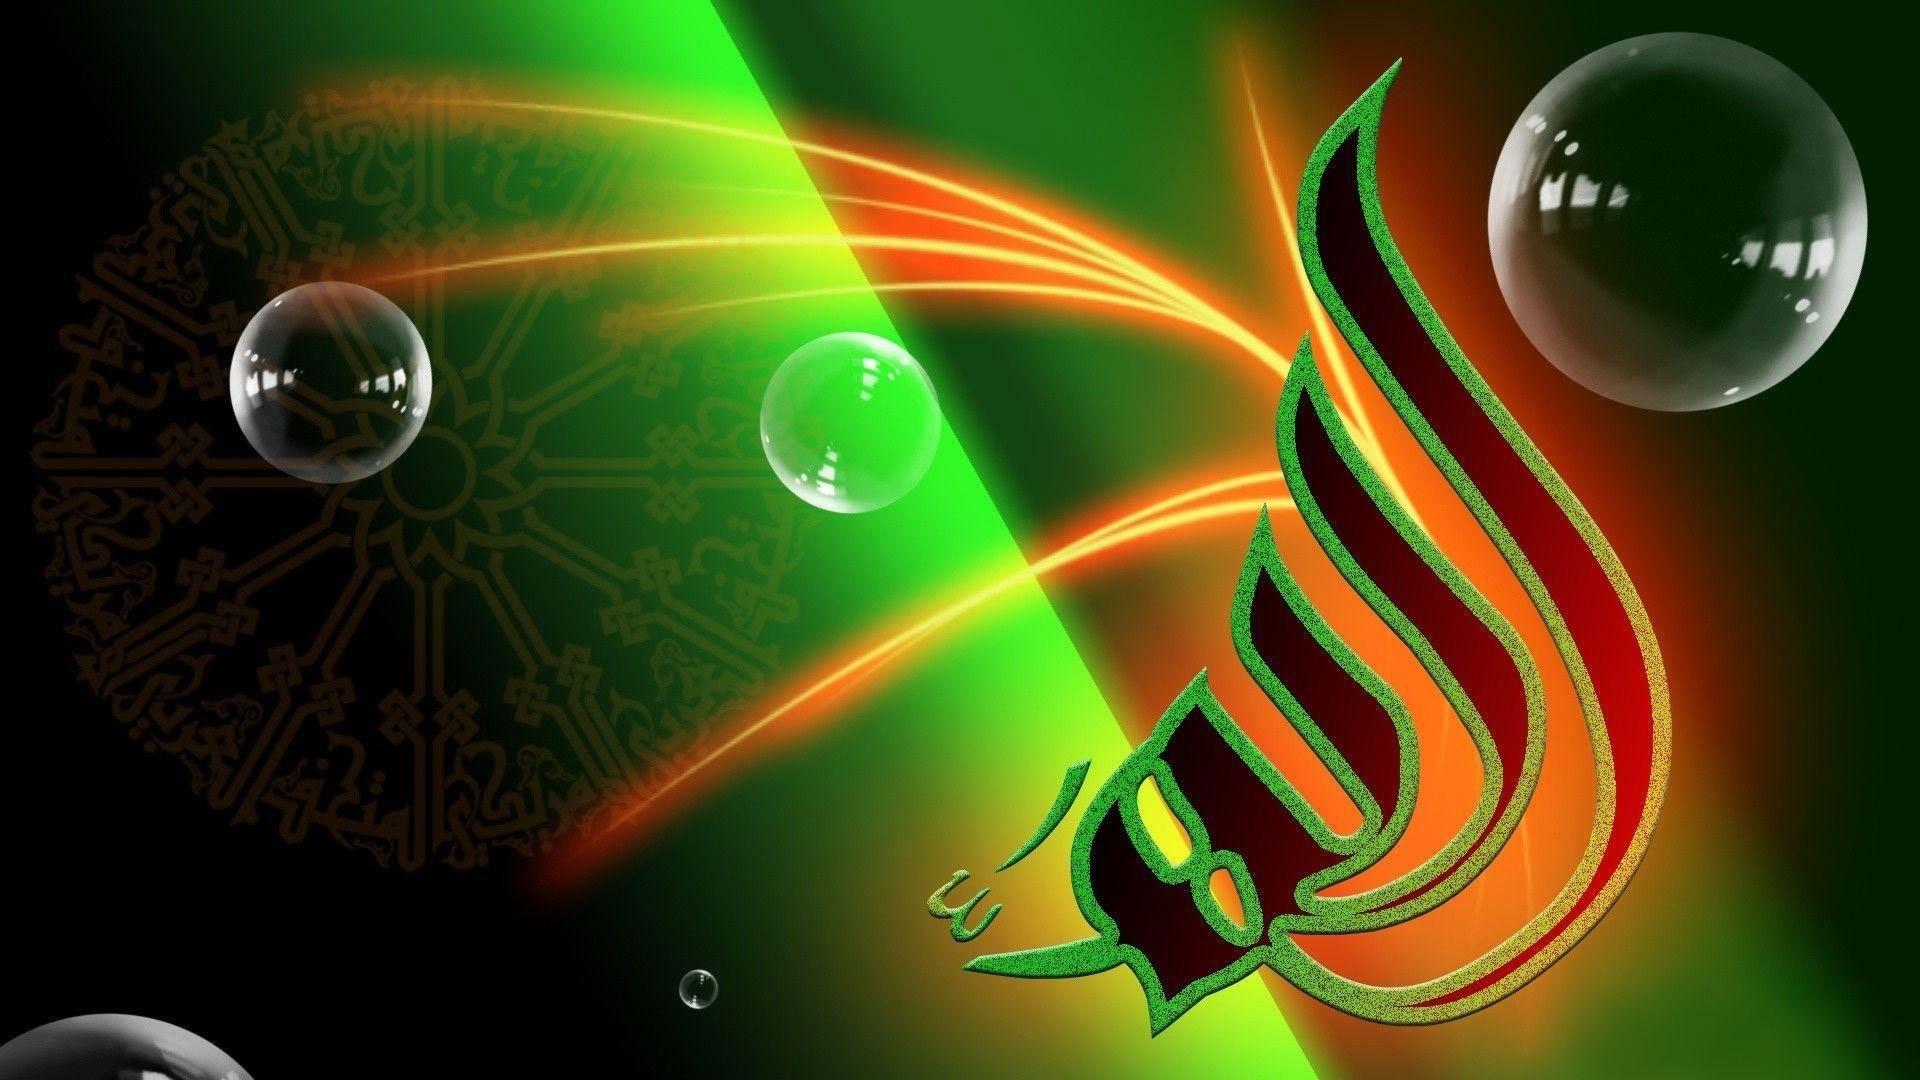 1920x1440 Islamic Wallpapers HD 2015